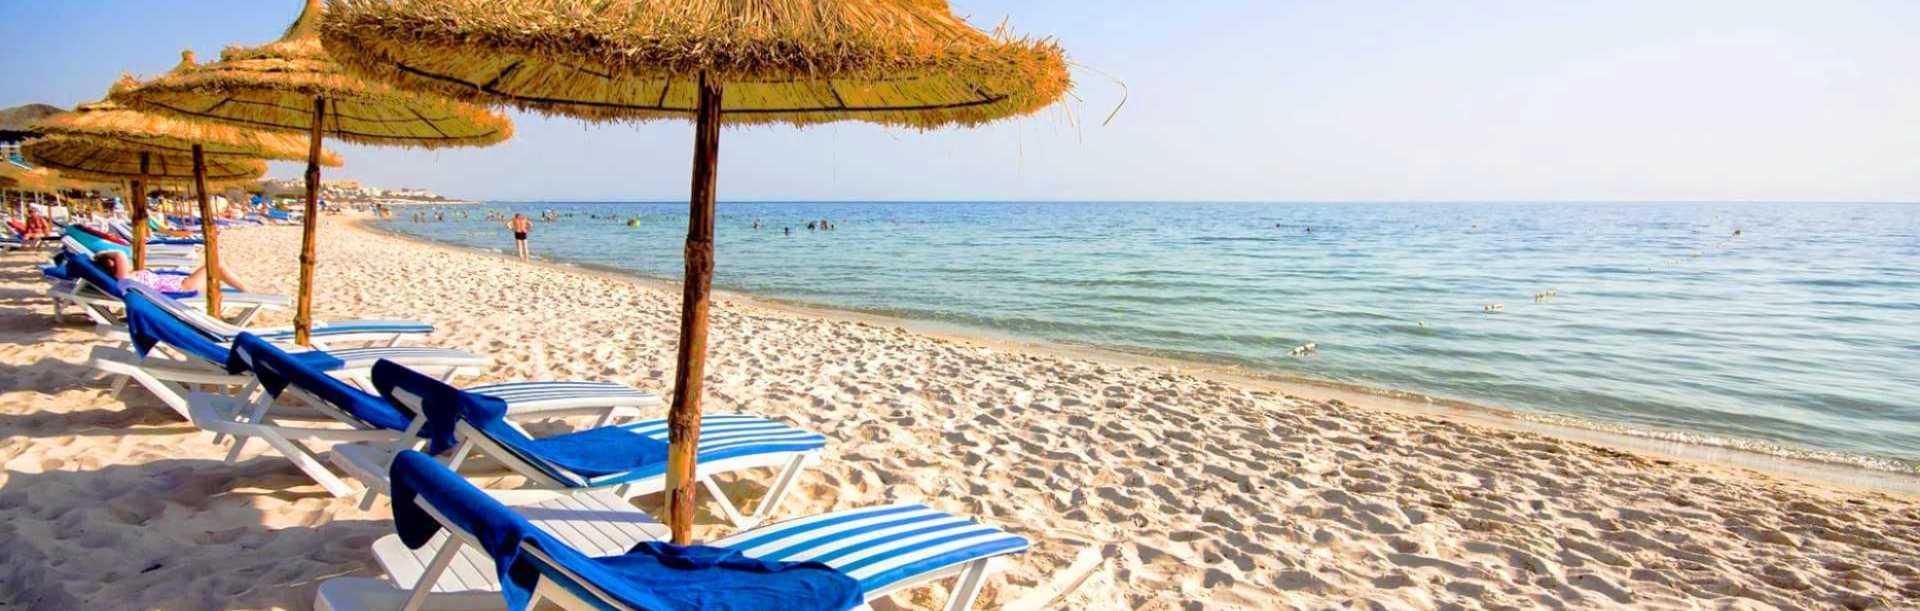 Сусс, пляжы